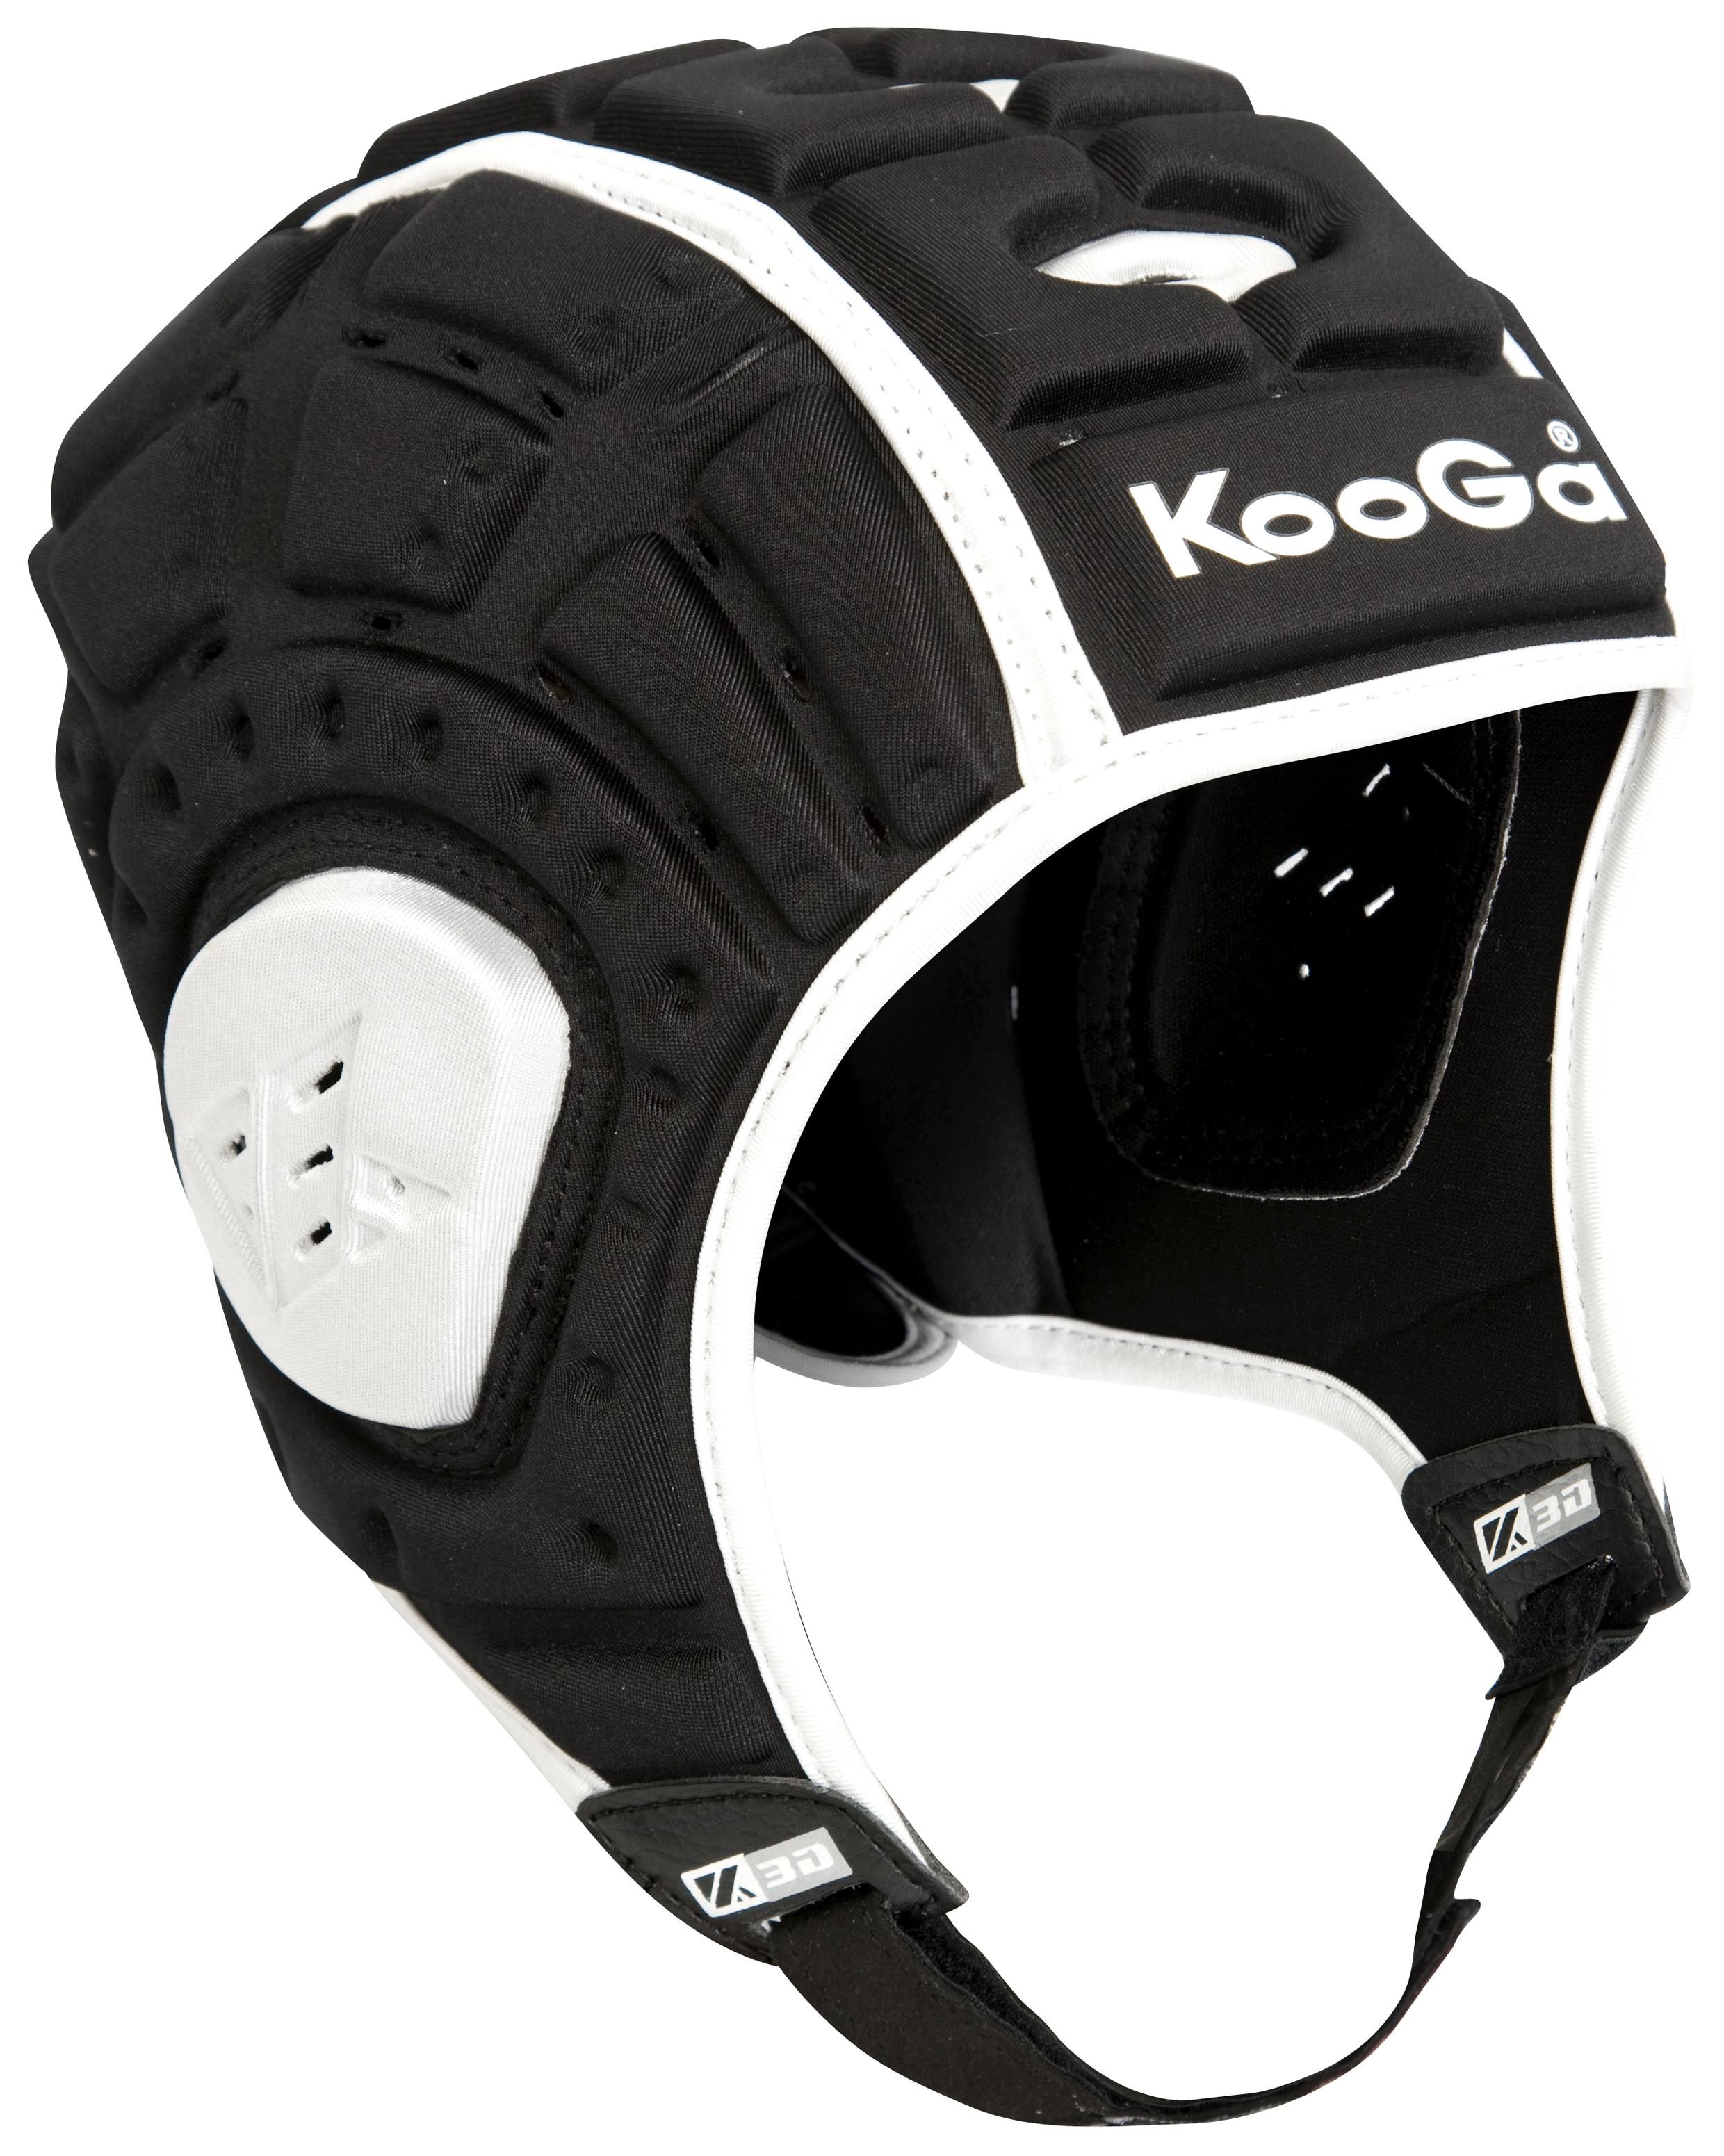 Kooga Rugby Victor Headguard